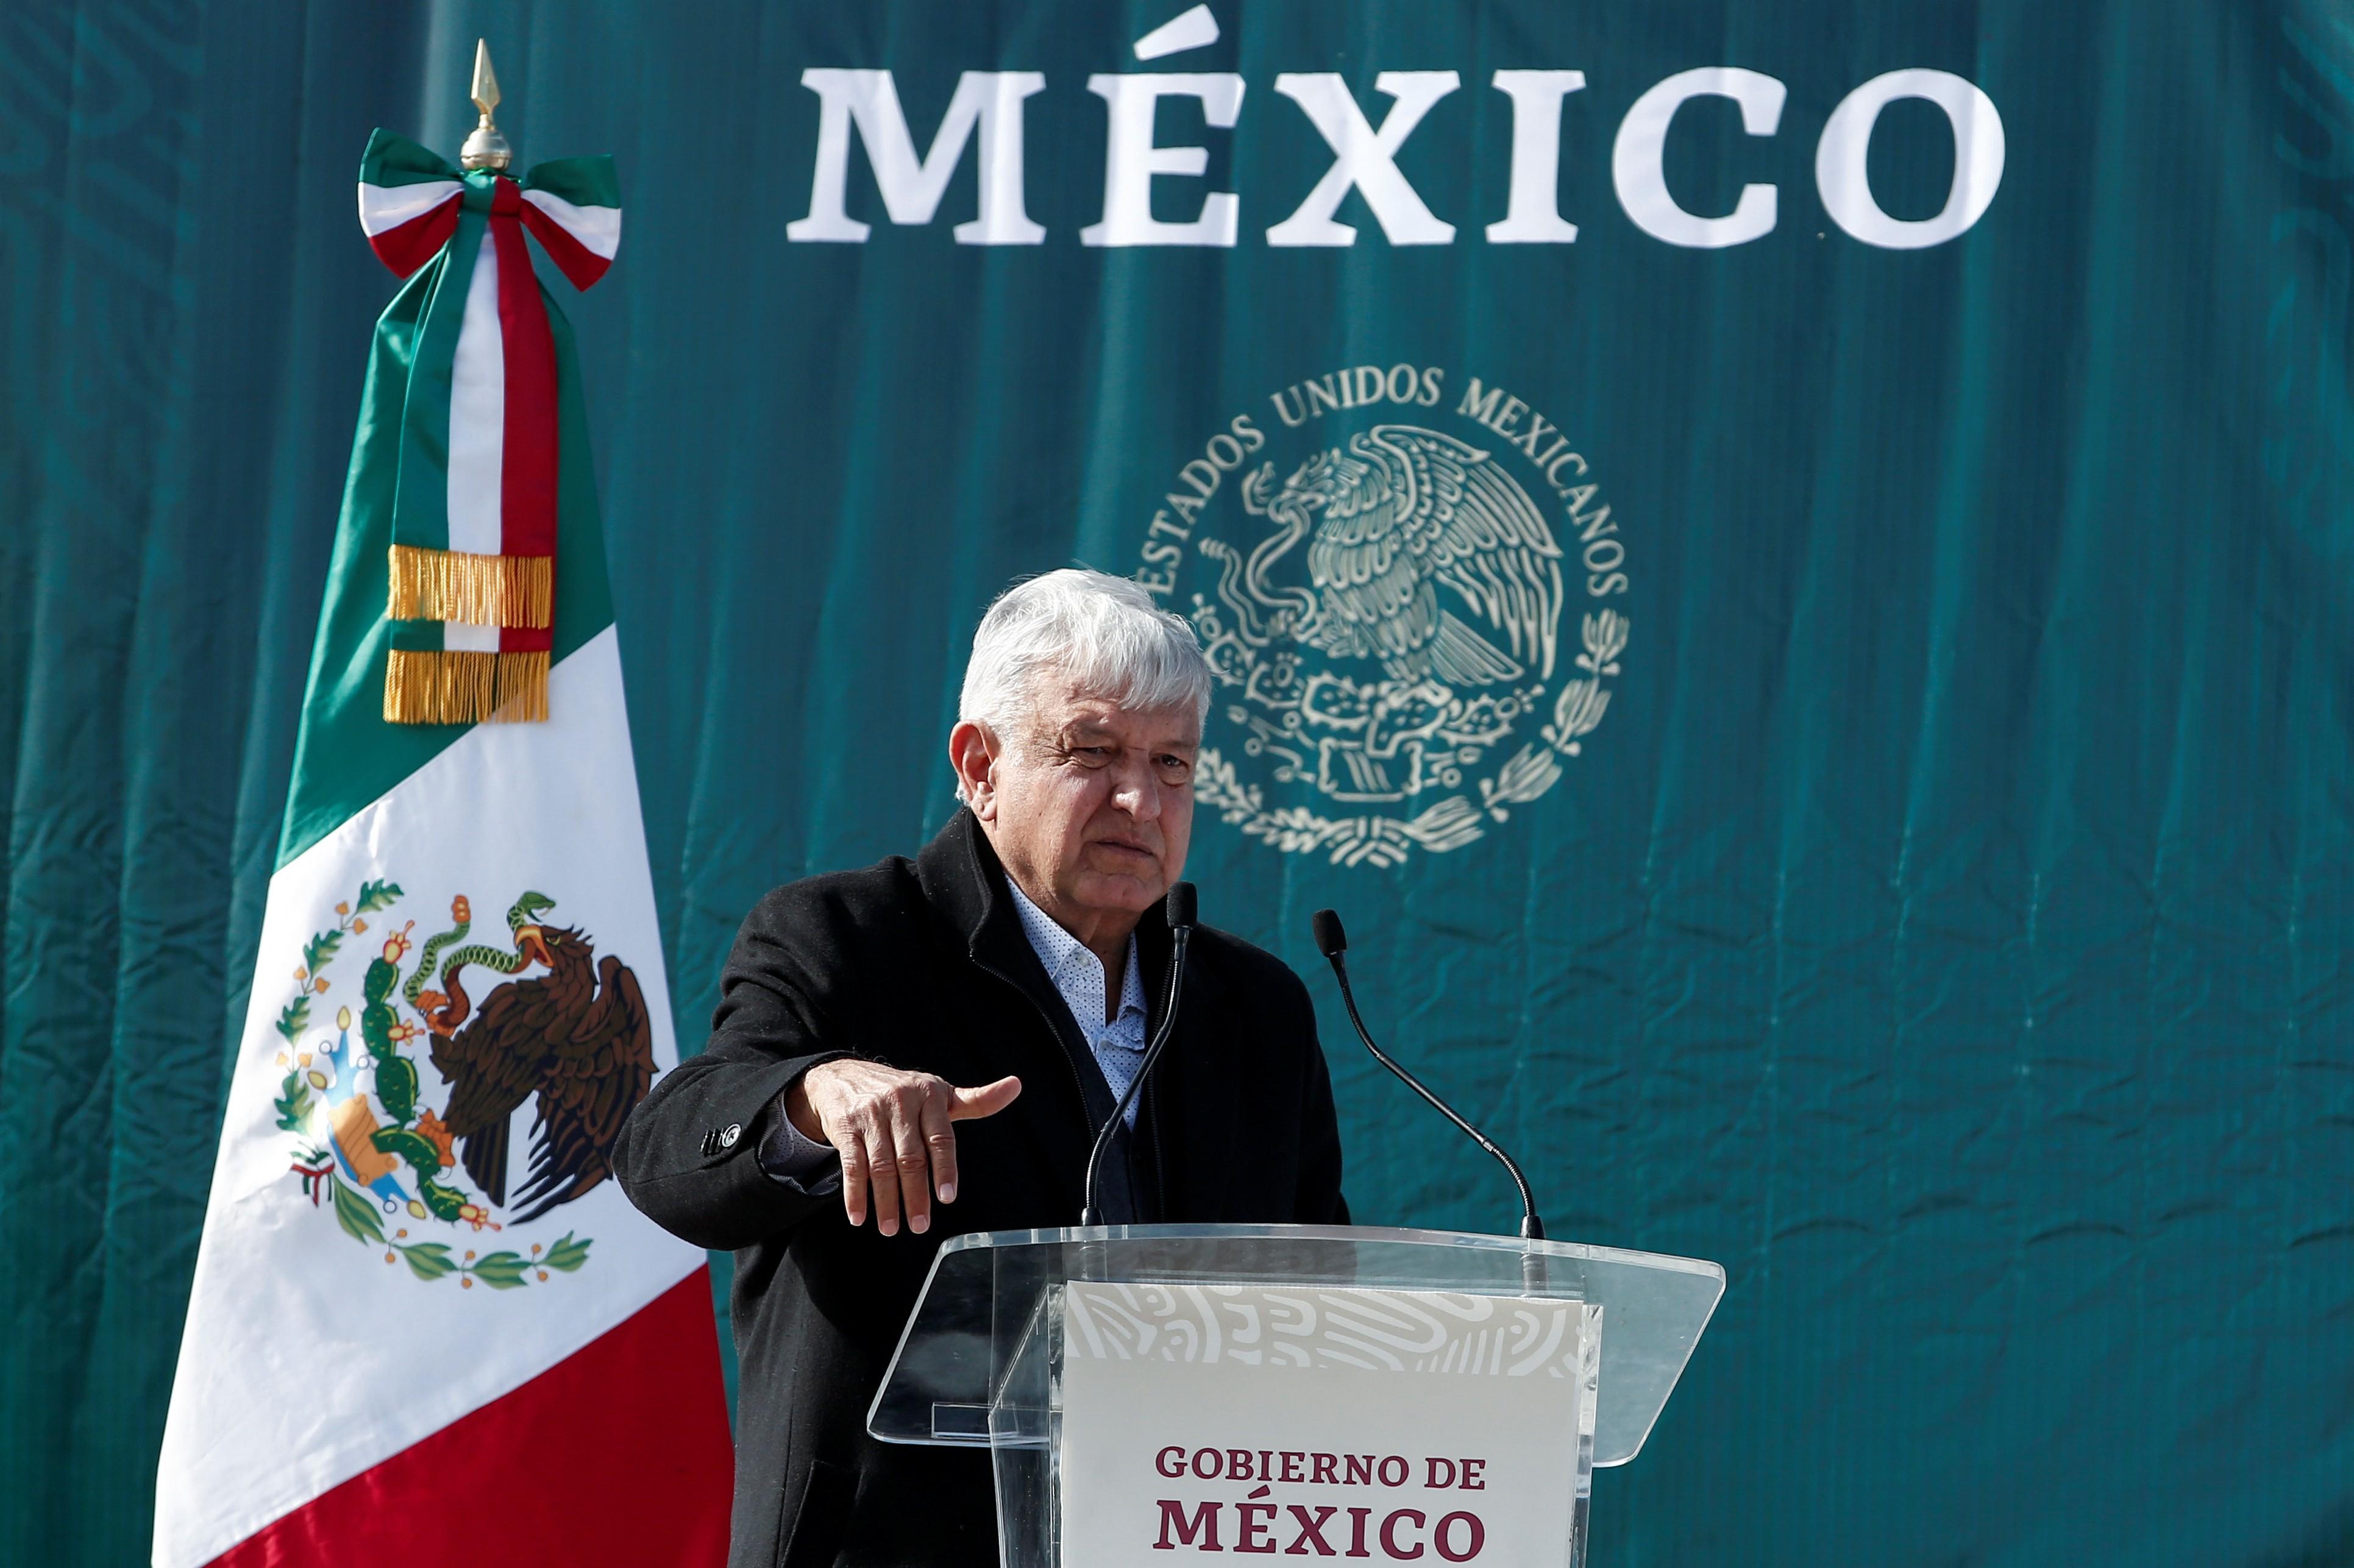 Presidente mexicano muda postura e pede que pessoas fiquem em casa para conter pandemia